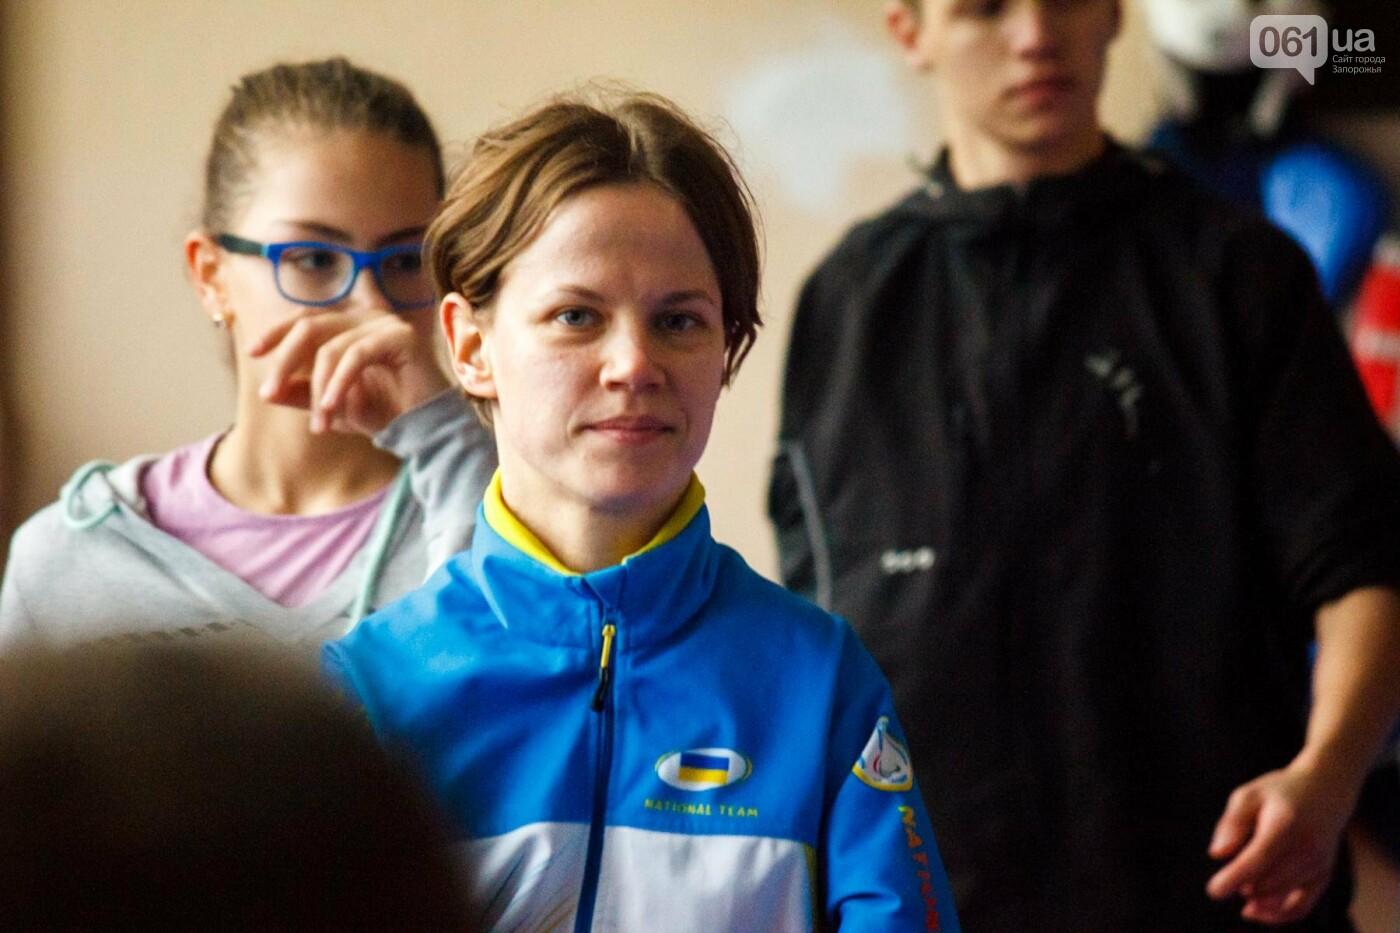 В Запорожье пятикратная чемпионка мира живет у подруги и не может собрать деньги на операцию: история Виктории Марчук, фото-16